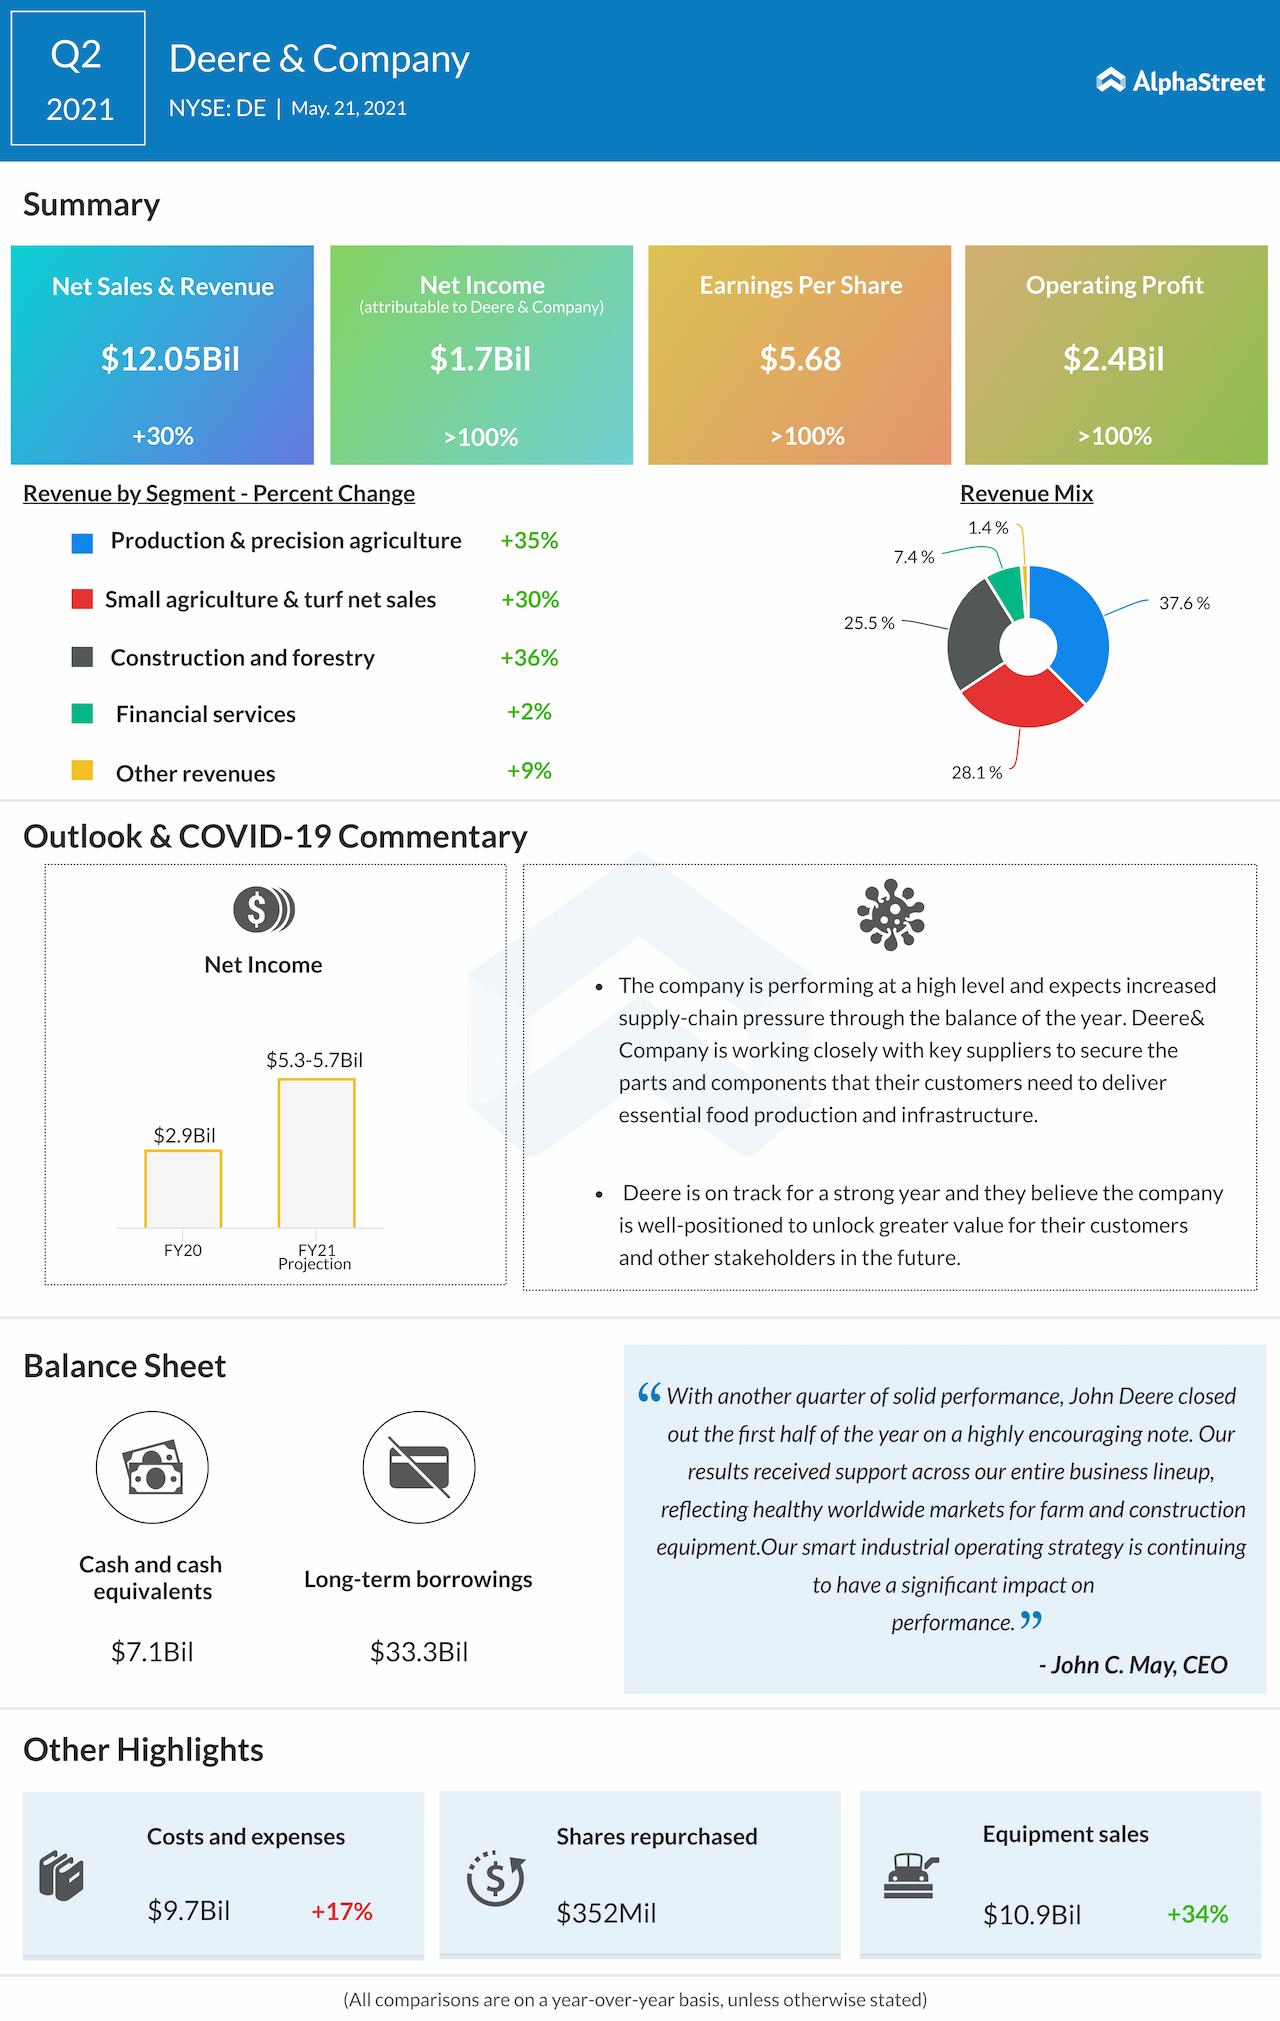 Deere & co. Q2 2021 earnings infogaphic